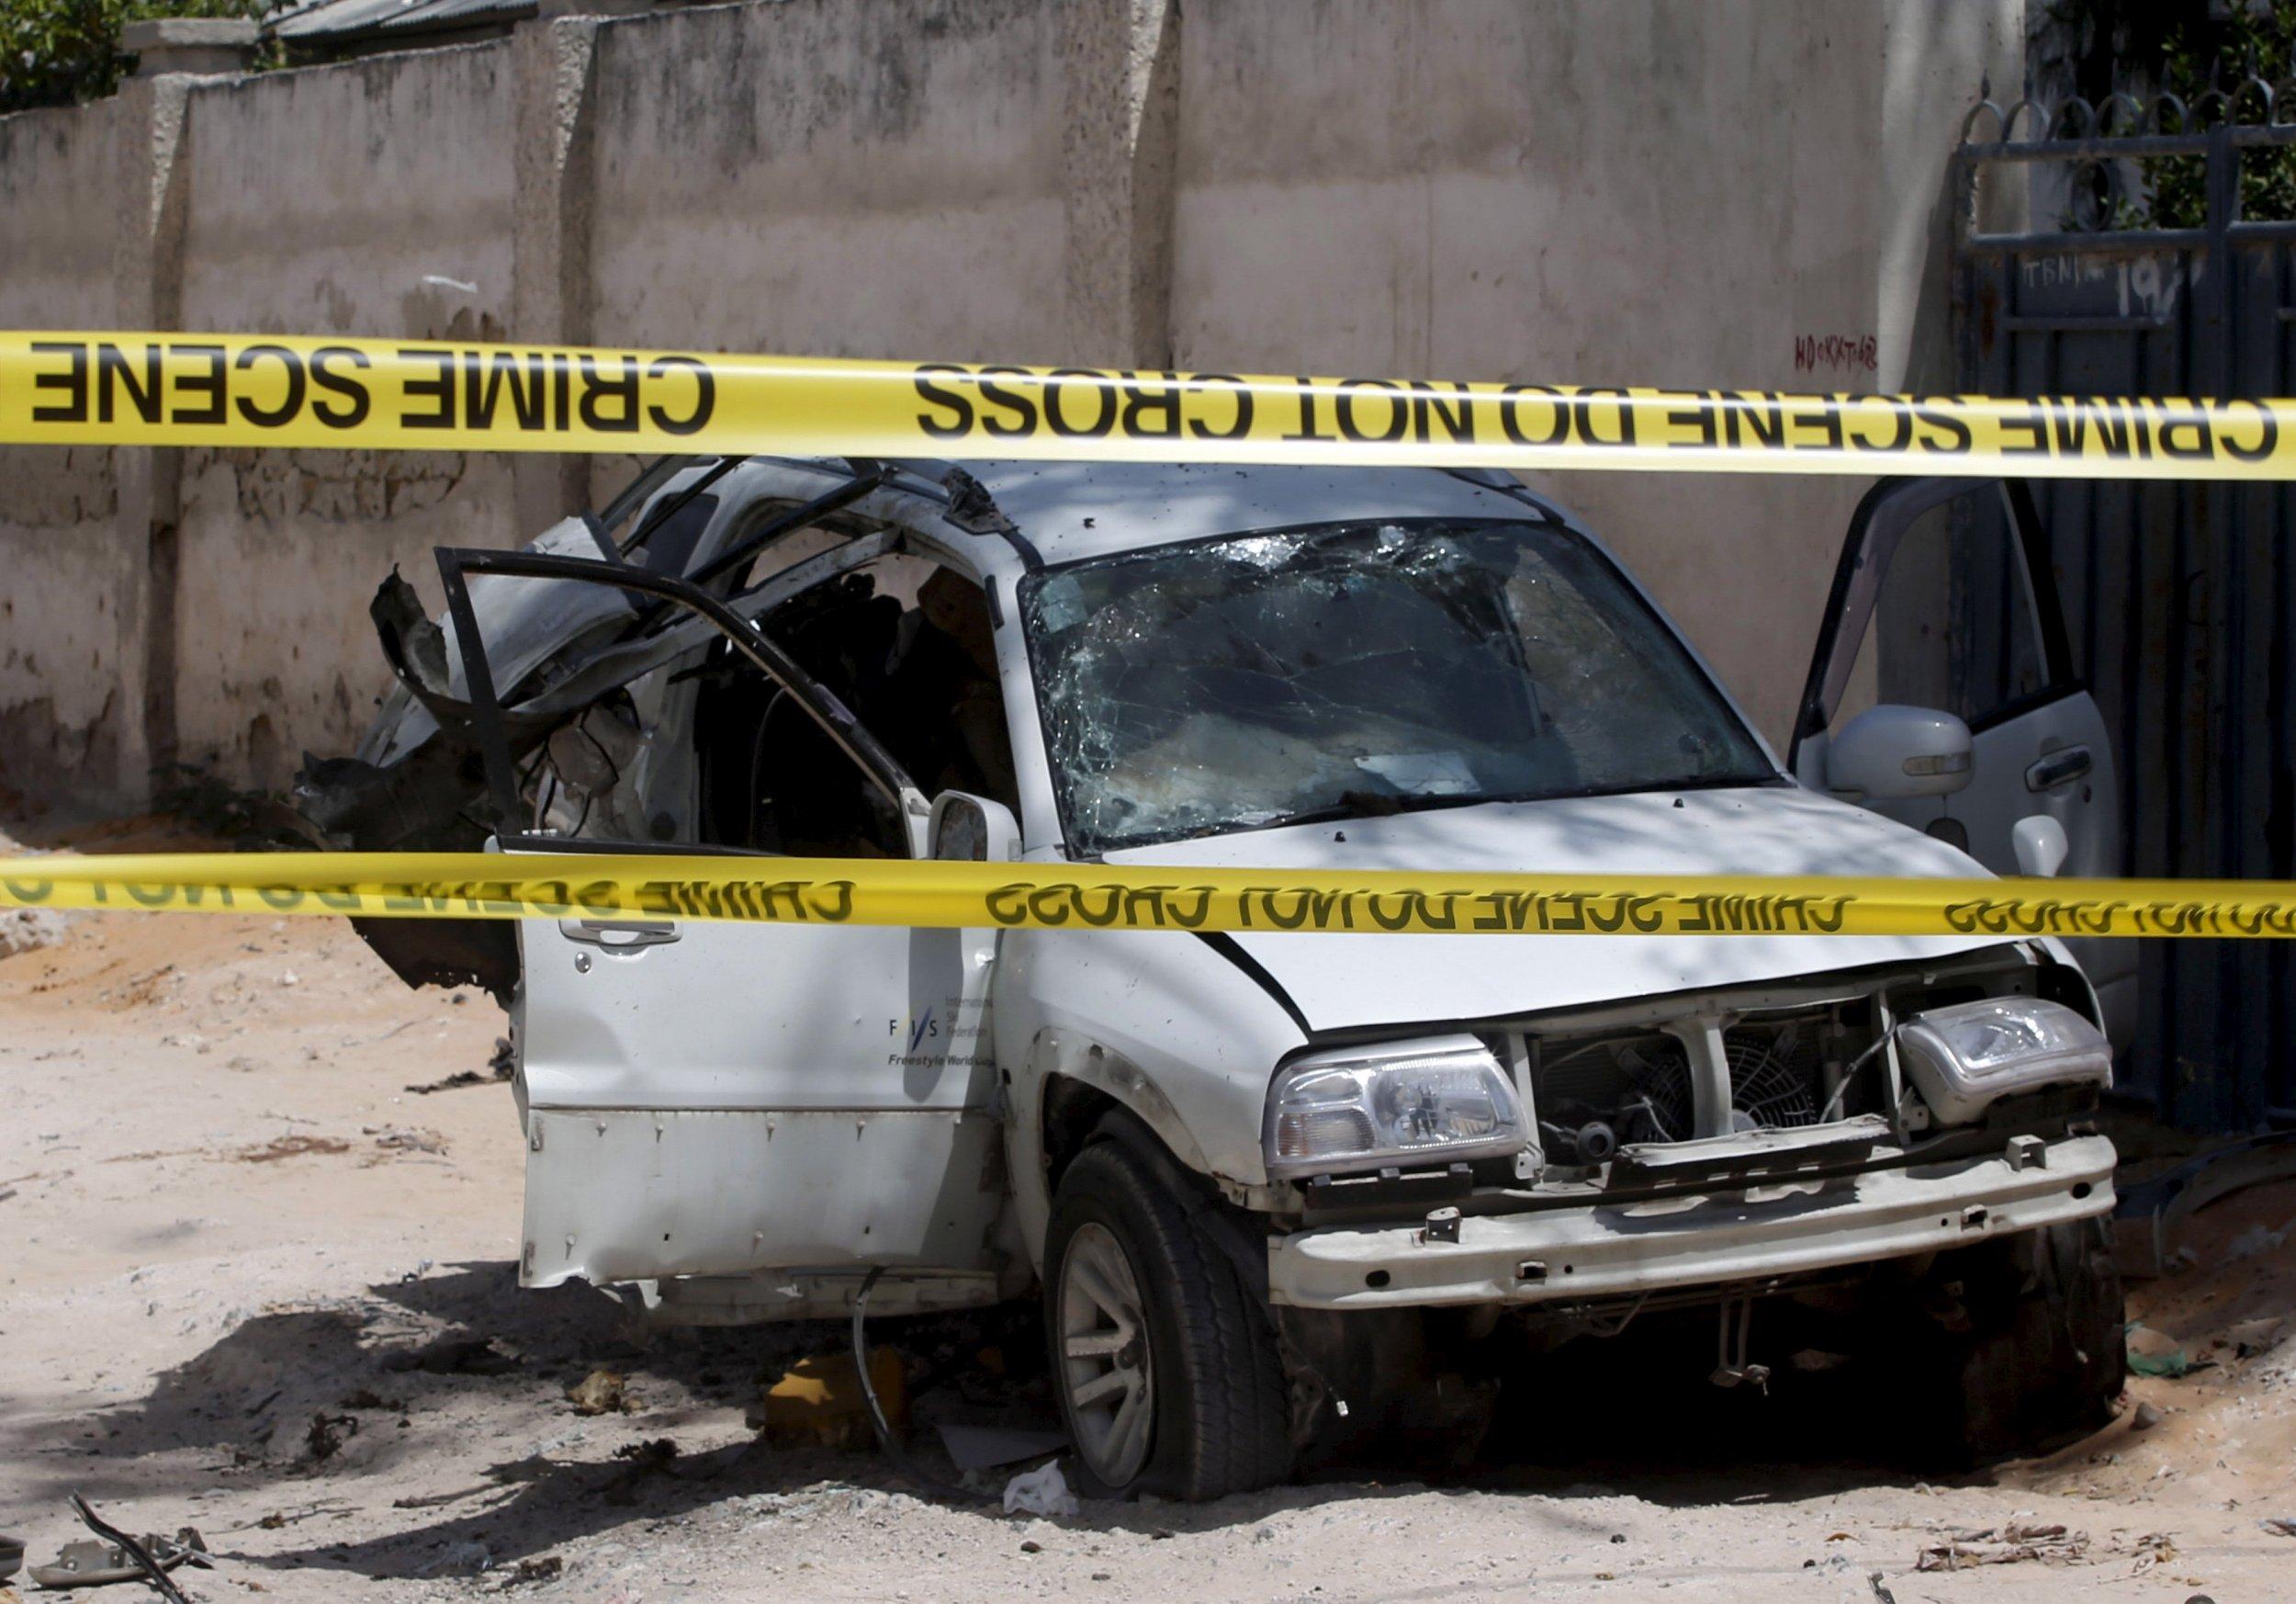 Car bomb blast in Mogadishu